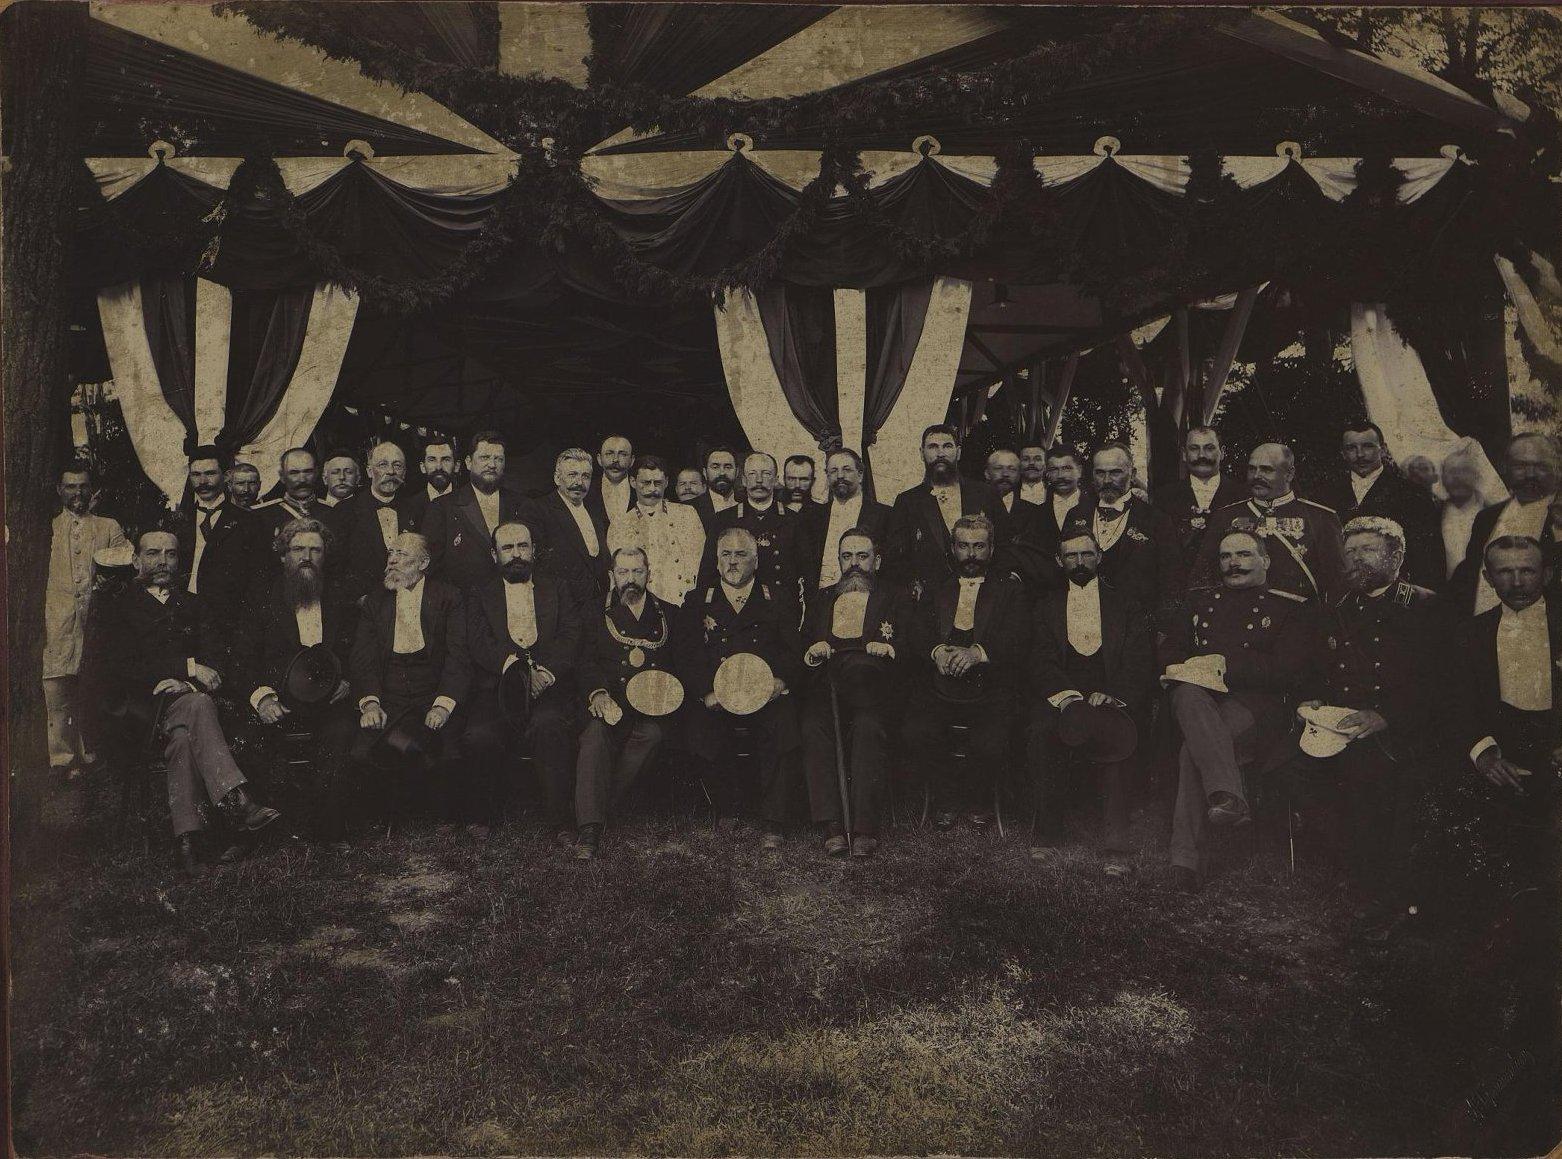 Работники Управления водопроводом и члены Городского самоуправления Одессы. Фотографическое ателье А. Горнштейна. 1901-1903